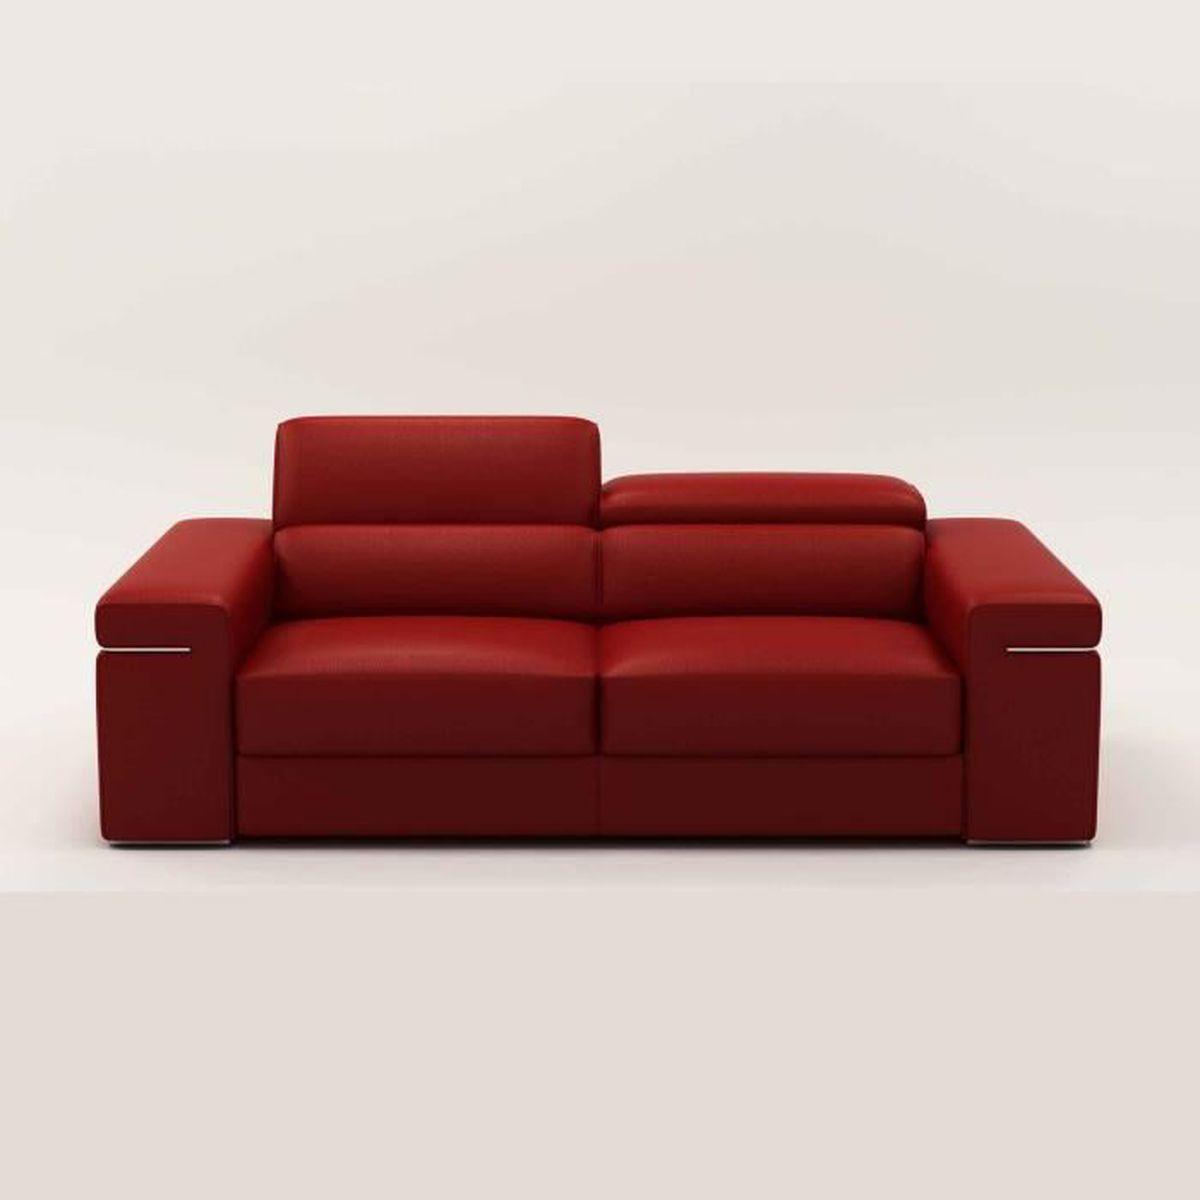 Changer La Couleur D Un Canapé En Cuir canape 3 places en cuir rouge billy - achat / vente canapé